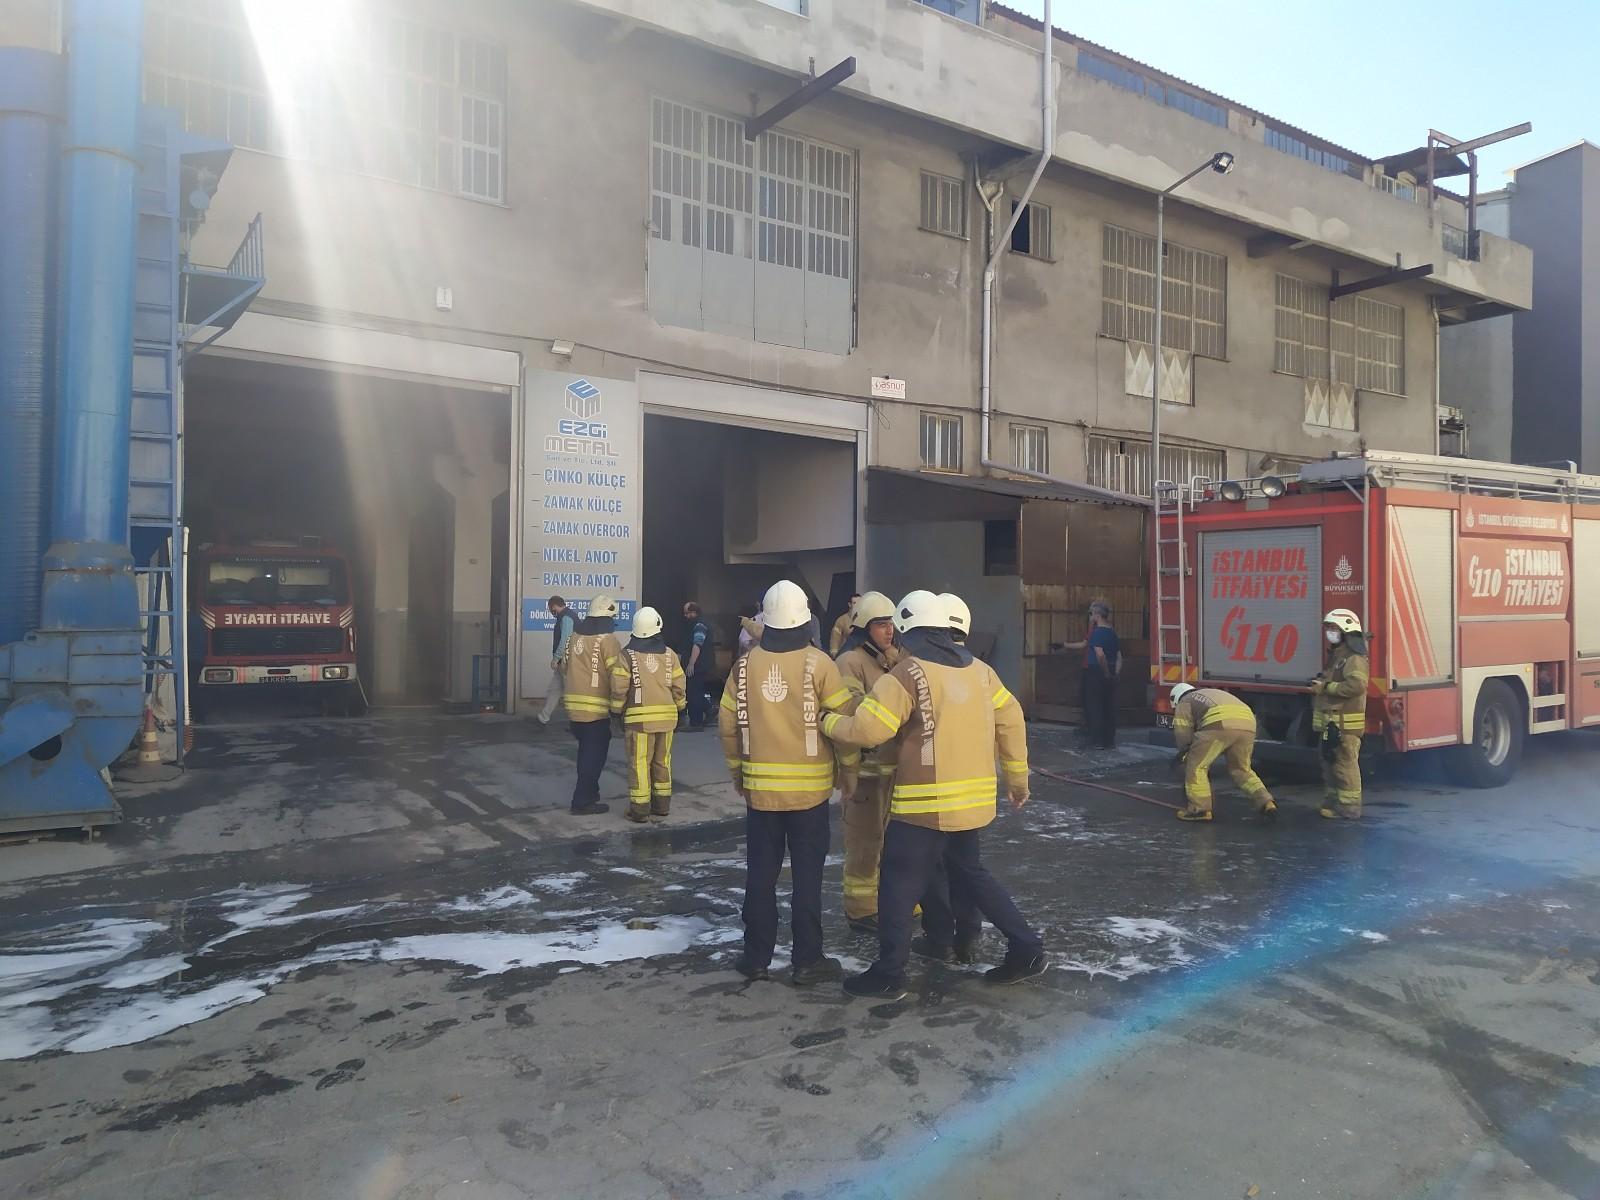 Başakşehir'de korkutan yangın! Zamak imalathanesinde yangın çıktı